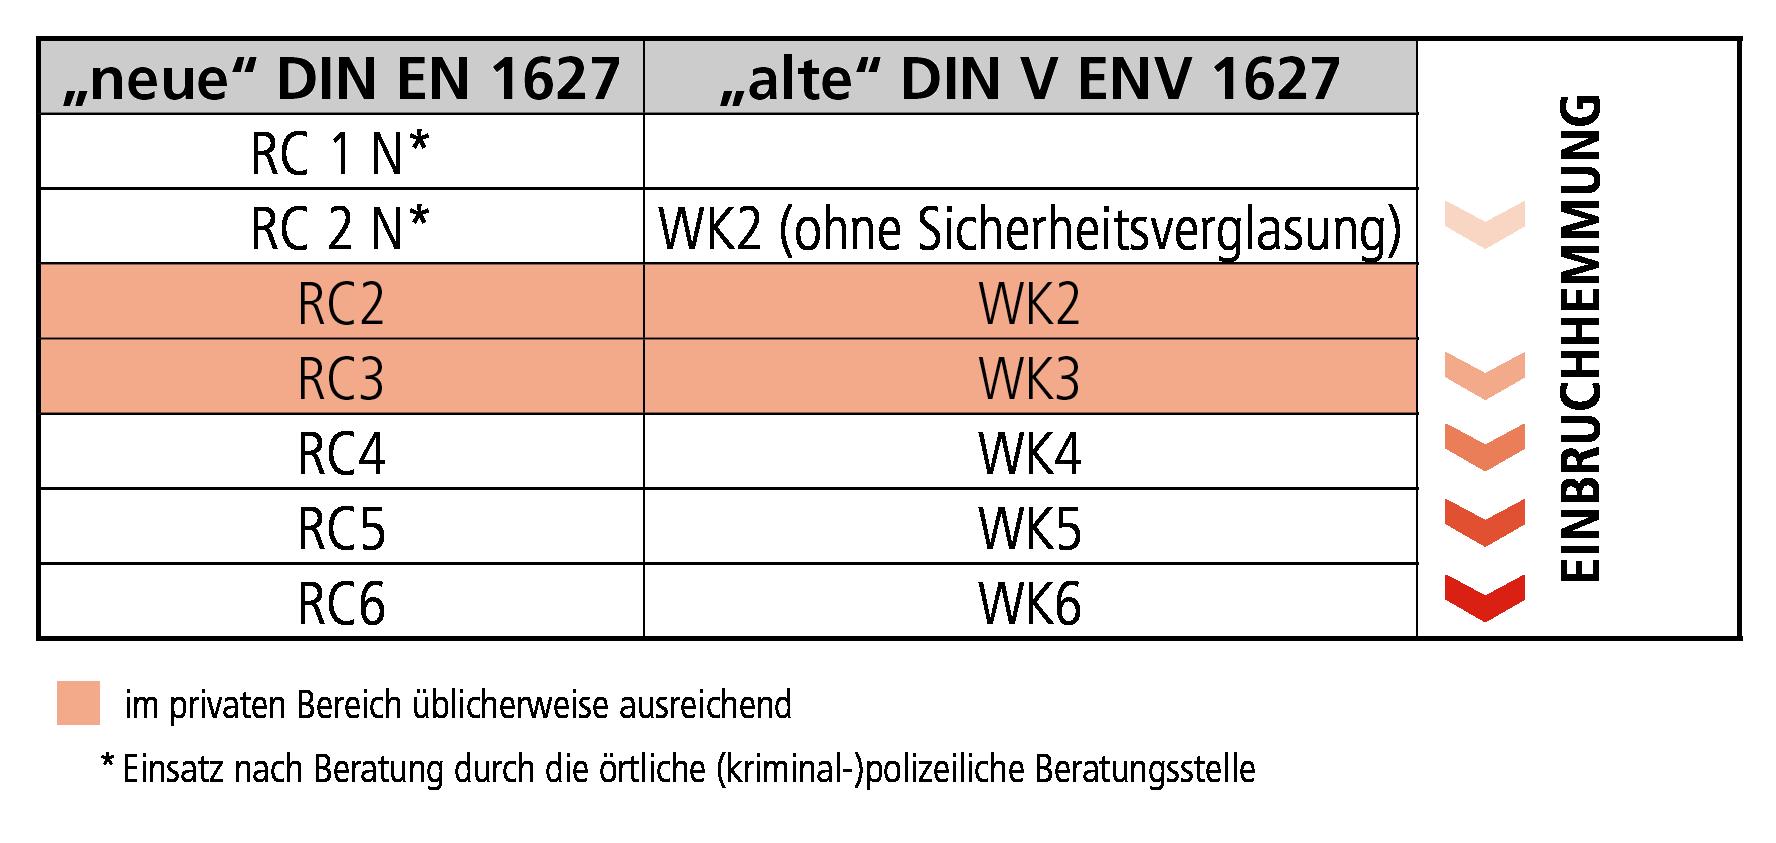 Full Size of Rc3 Fenster Absturzsicherung Internorm Preise Drutex Aluplast Erneuern Dachschräge Mit Lüftung Plissee Kaufen In Polen Marken Veka Velux Rollo Rahmenlose Fenster Rc3 Fenster